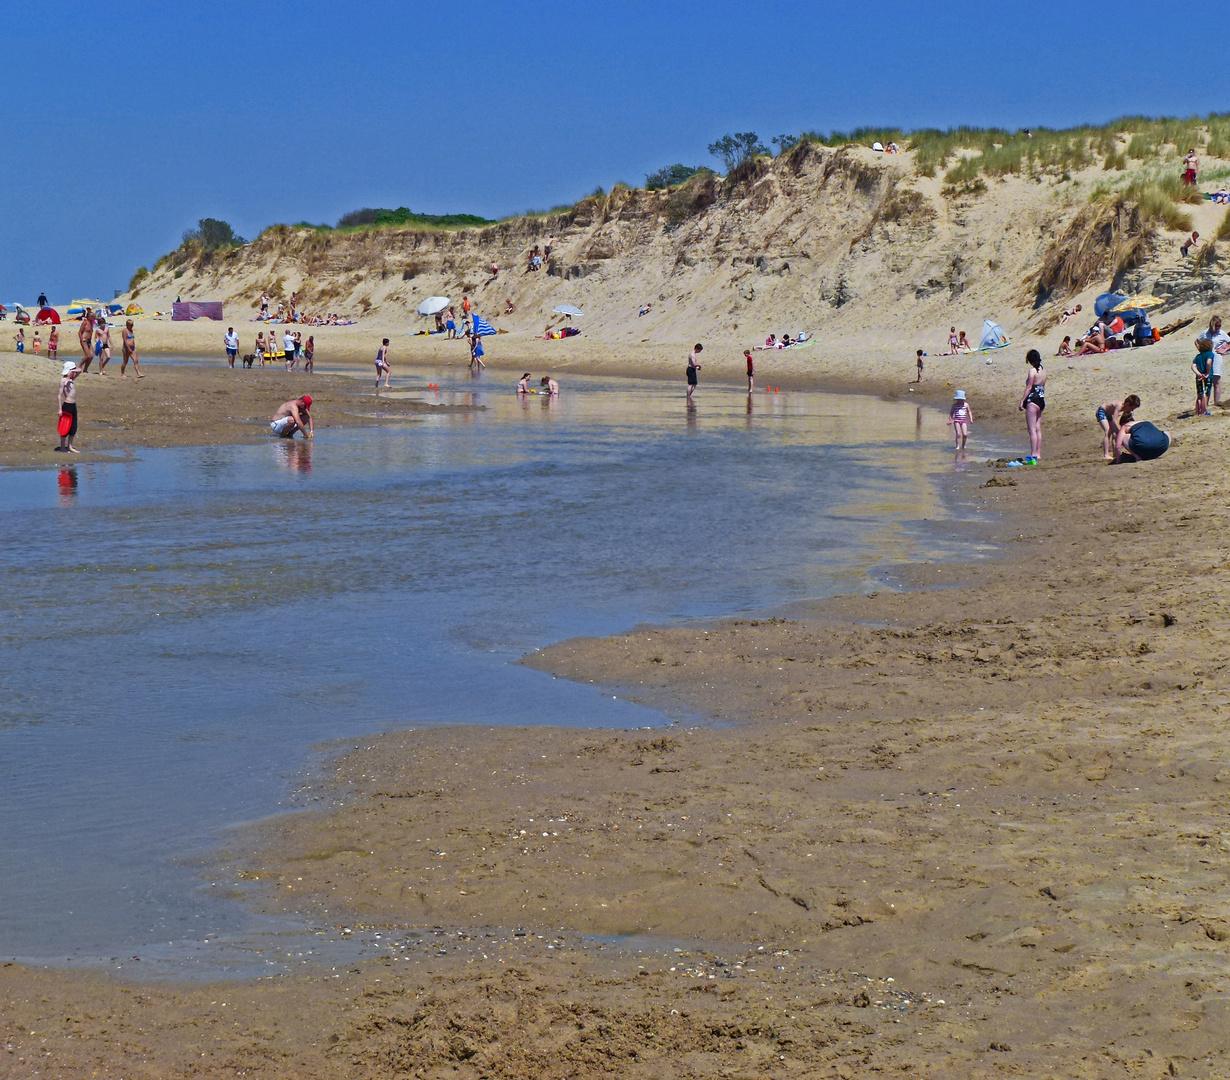 Viele liebe Urlaubs- und Sommergrüße schicke ich euch in eure Sommerurlaube !